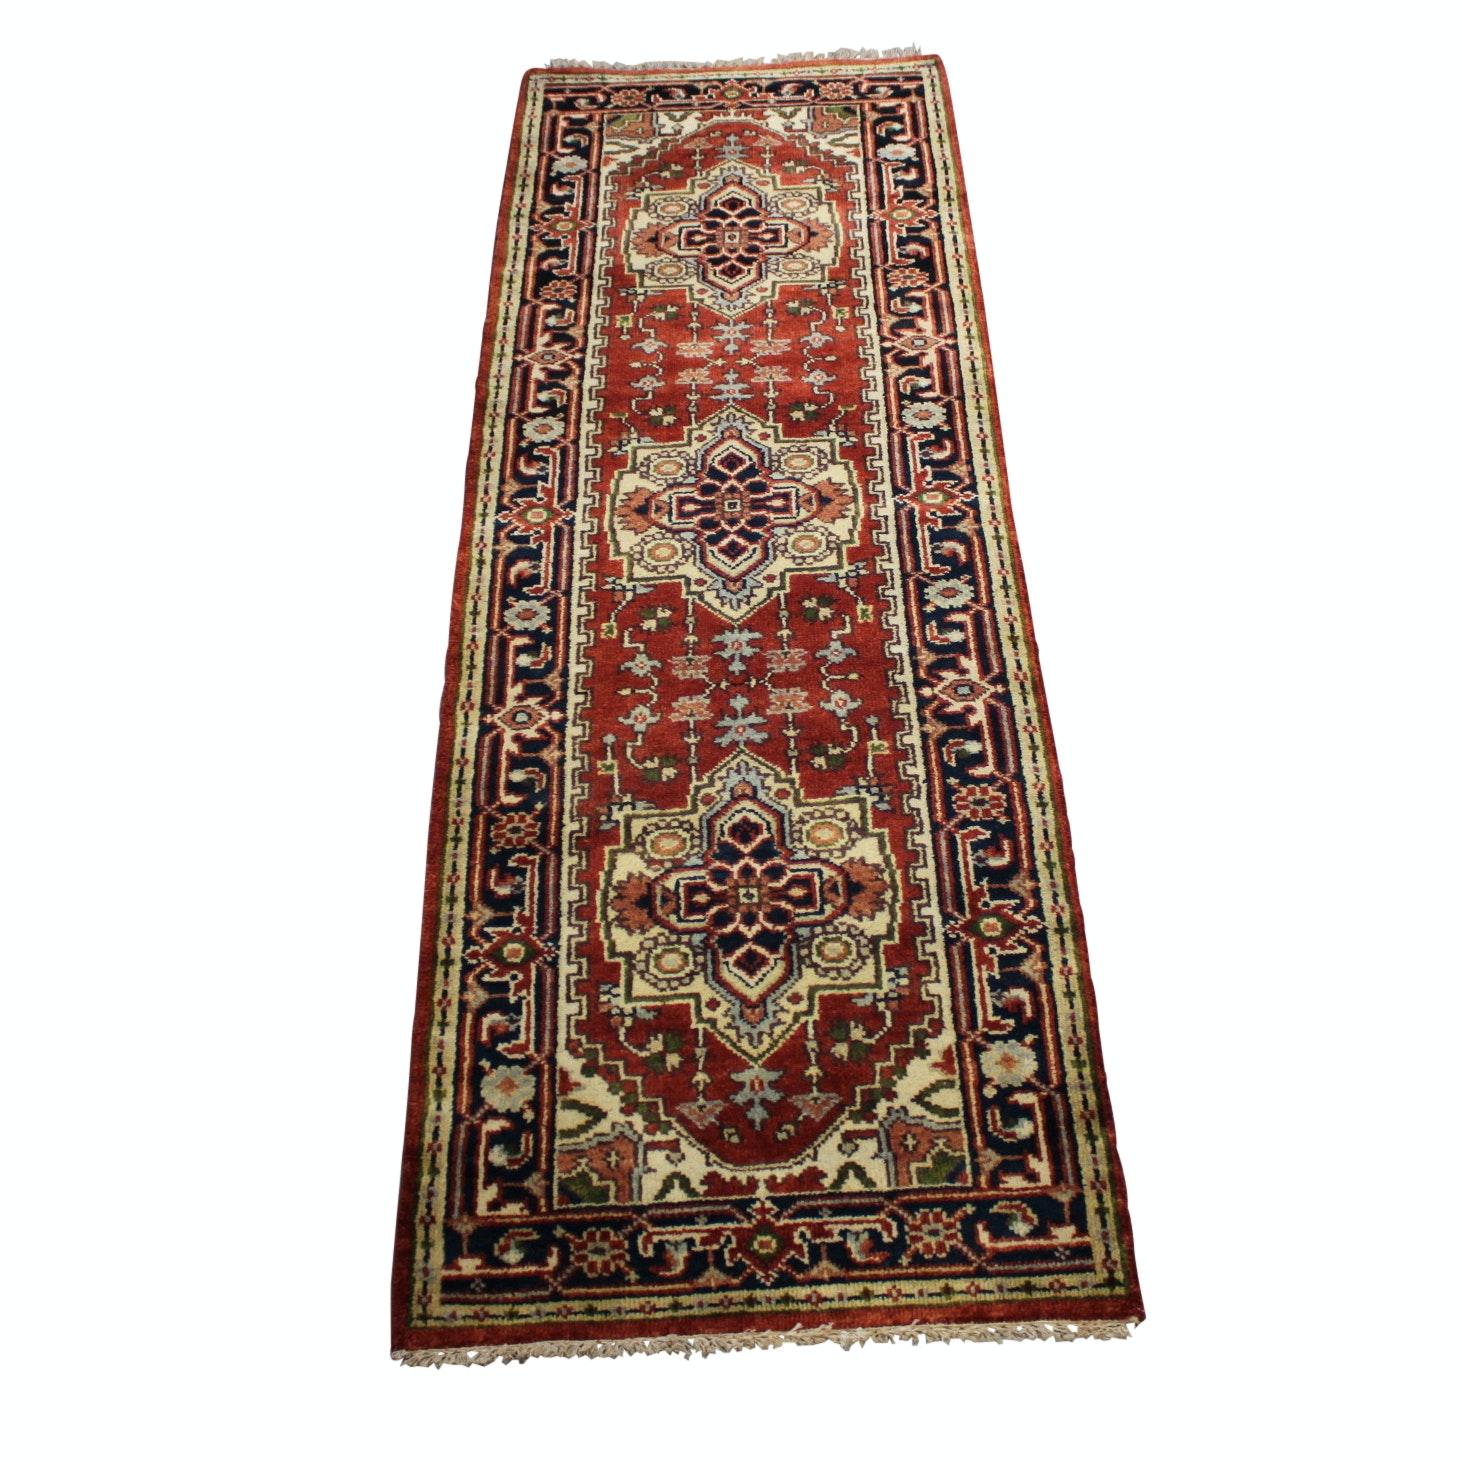 Hand-Knotted Indo-Persian Bakshaish Heriz Wool Carpet Runner